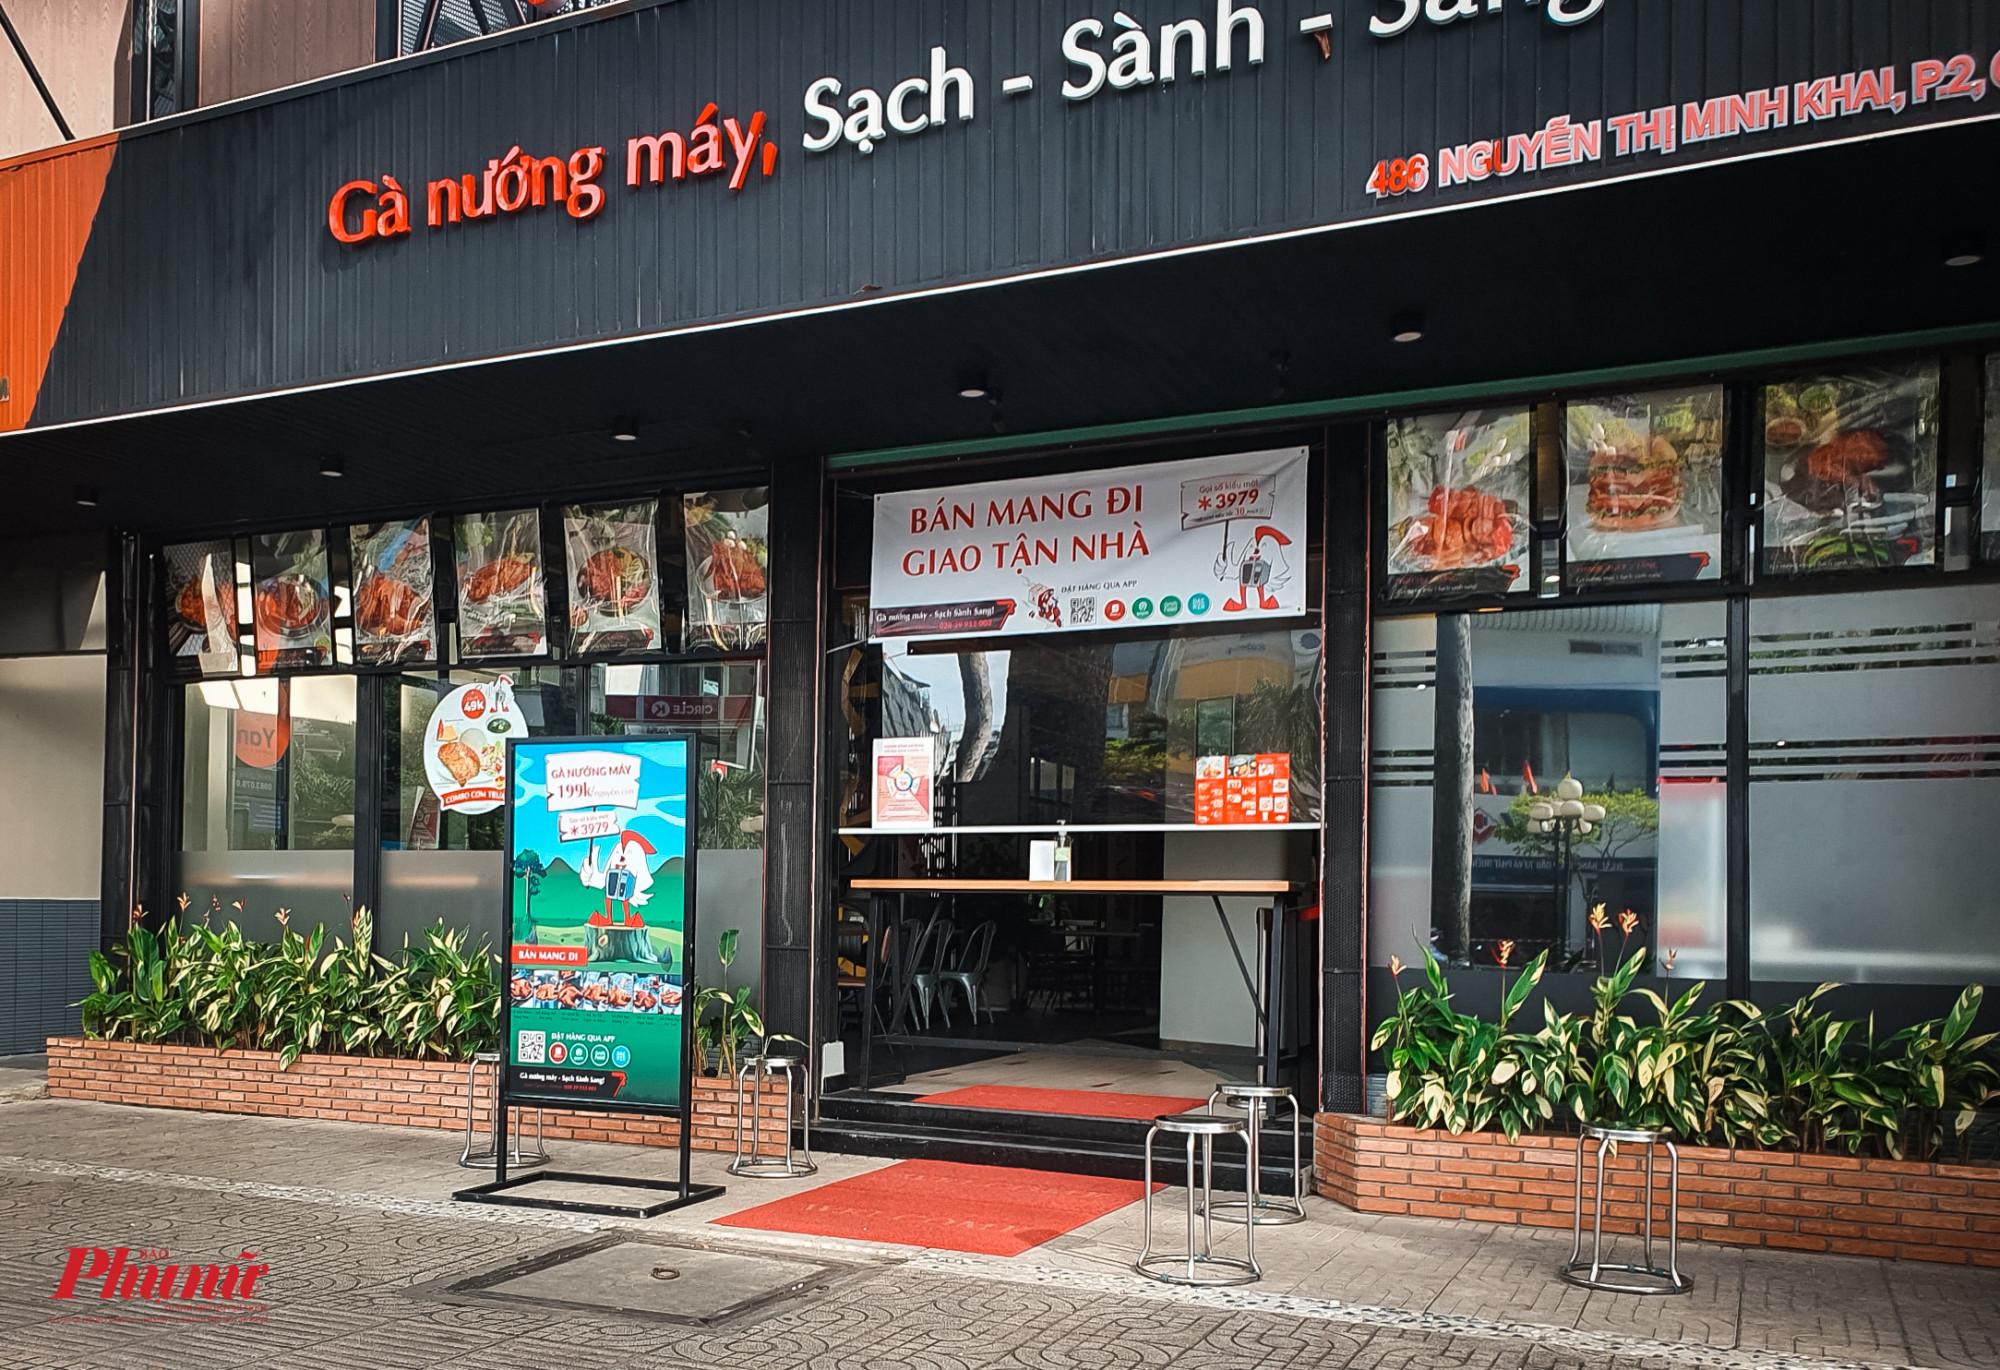 Một cửa hàng thực phẩm đã hạ thấp cửa, đặt chiếc bàn ngay lối ra vào, để hạn chế người mua bước vào nhà hàng